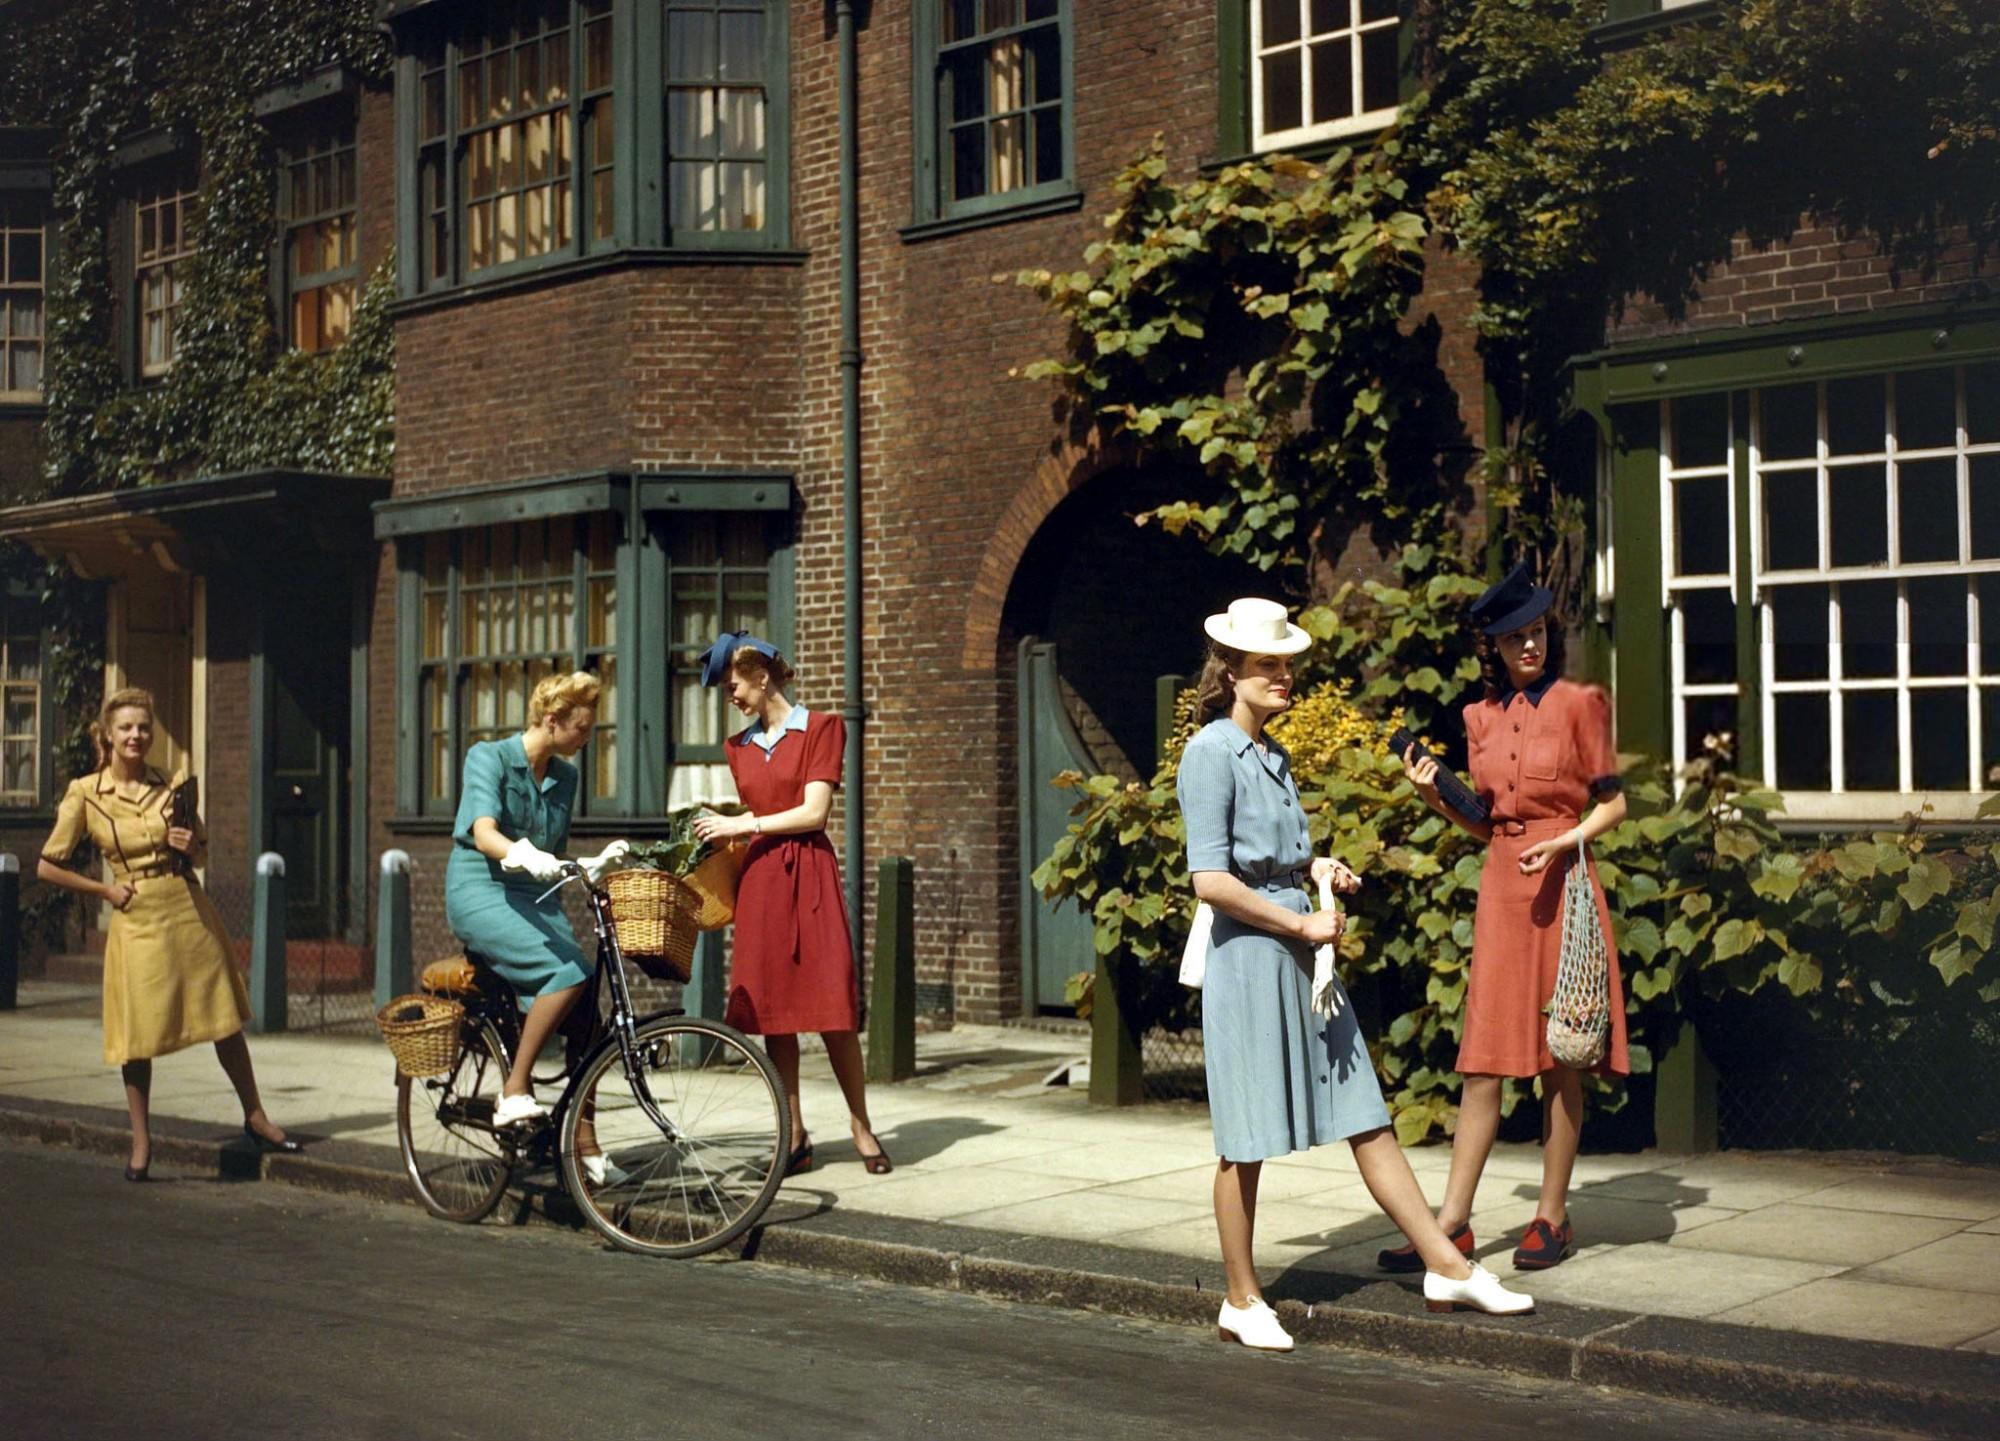 20 век в цвете. 1943 год. Жизнь посреди войны